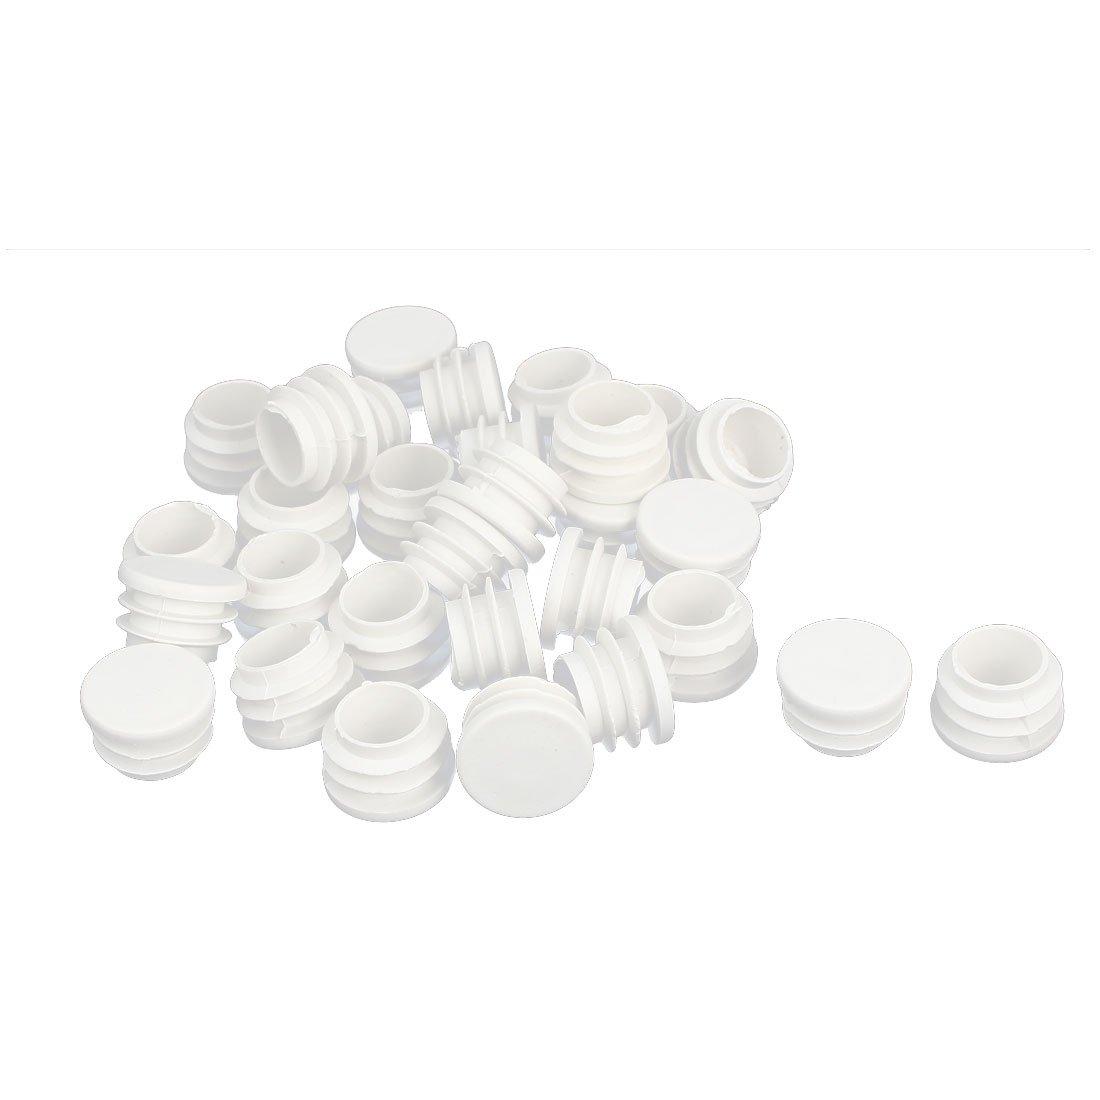 Sourcingmap® - Tapón Redondo de plástico de 25 mm de diámetro, 30 Unidades, Color Blanco a16061100ux0165